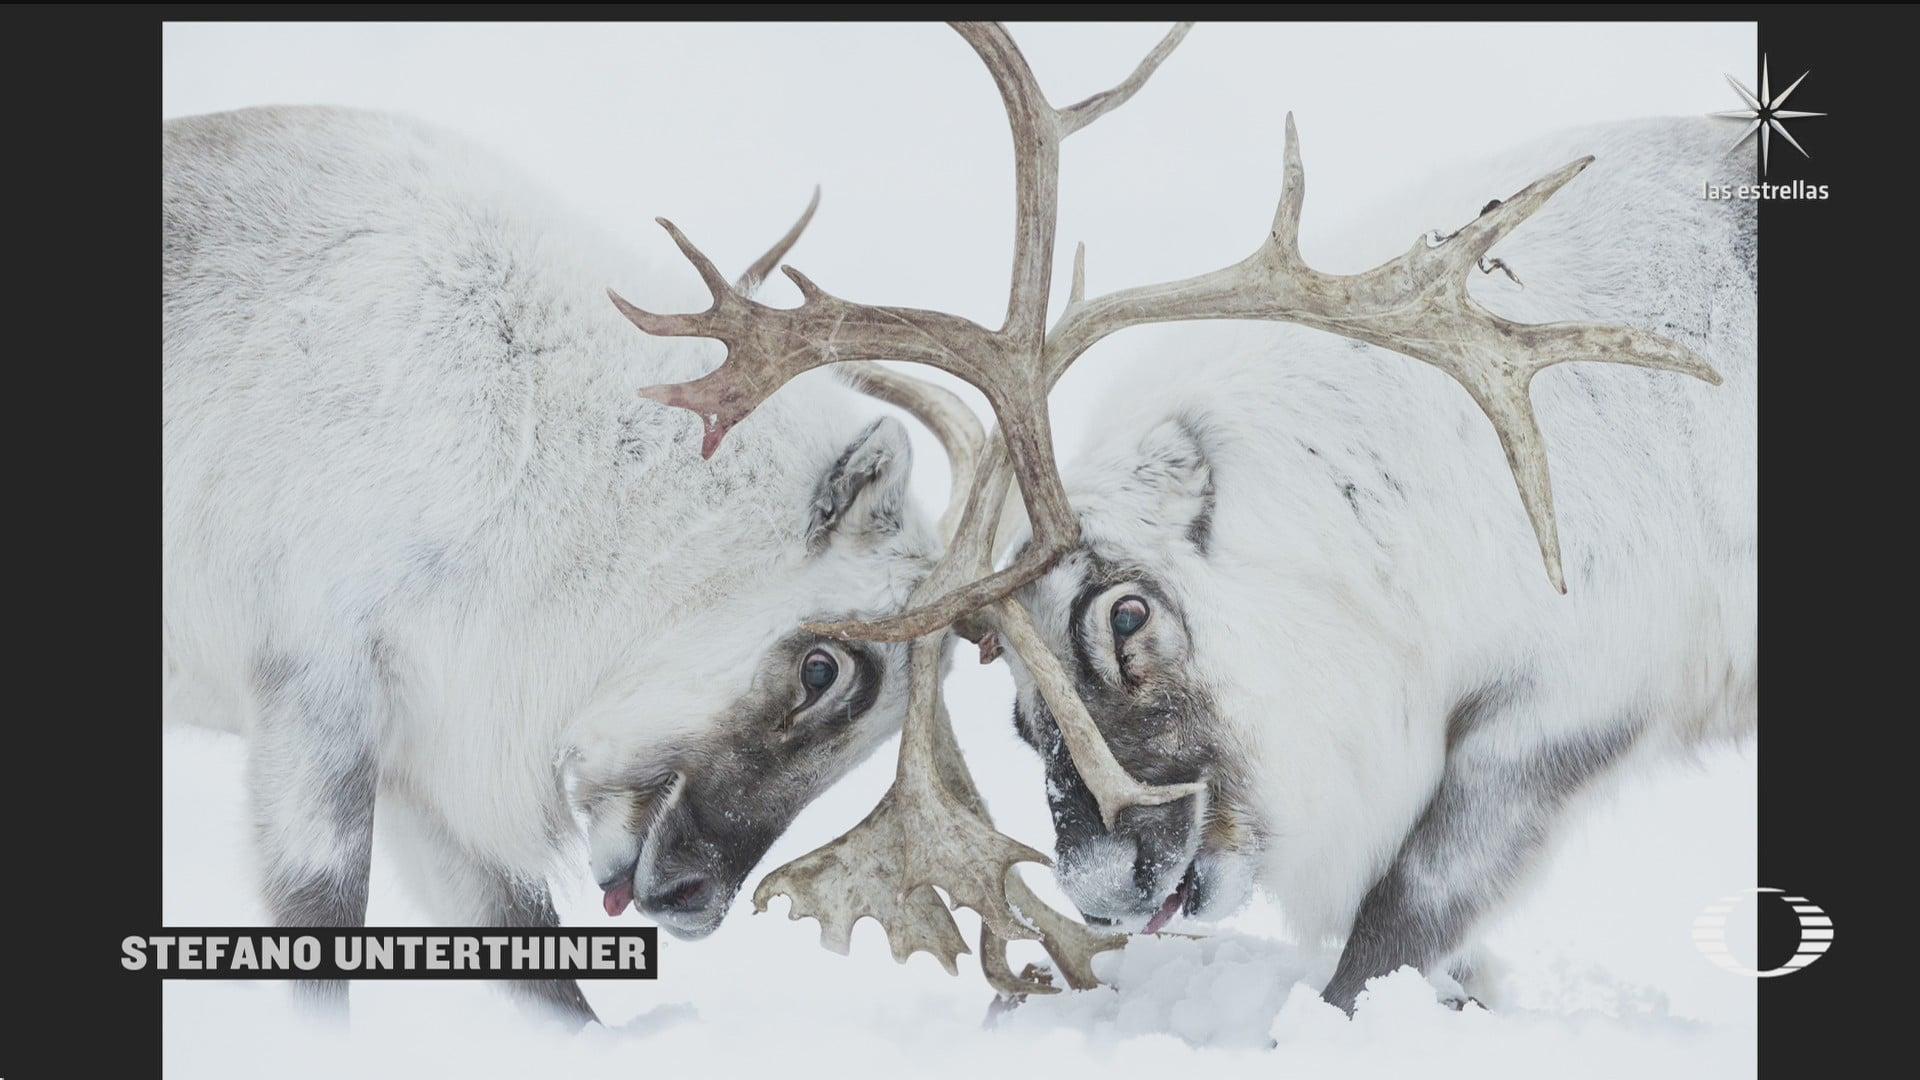 revelan nombres de los ganadores del fotografo de vida silvestre del ano